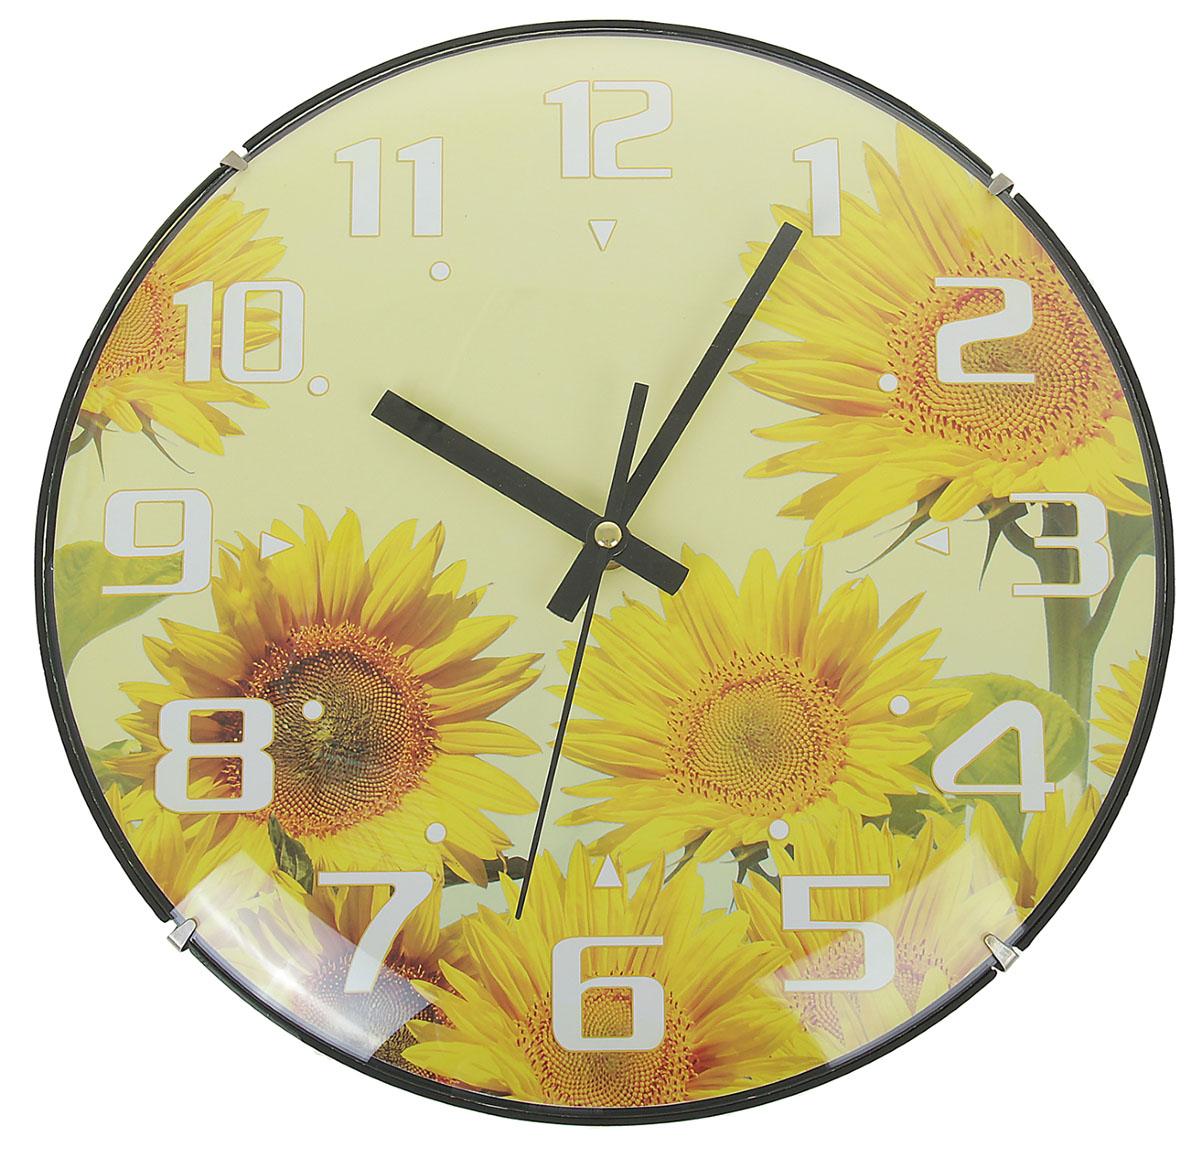 Часы настенные Подсолнух, диаметр 30 см хочу продать свою квартиру которая менее 3х лет и другую какие налоги надо заплатить